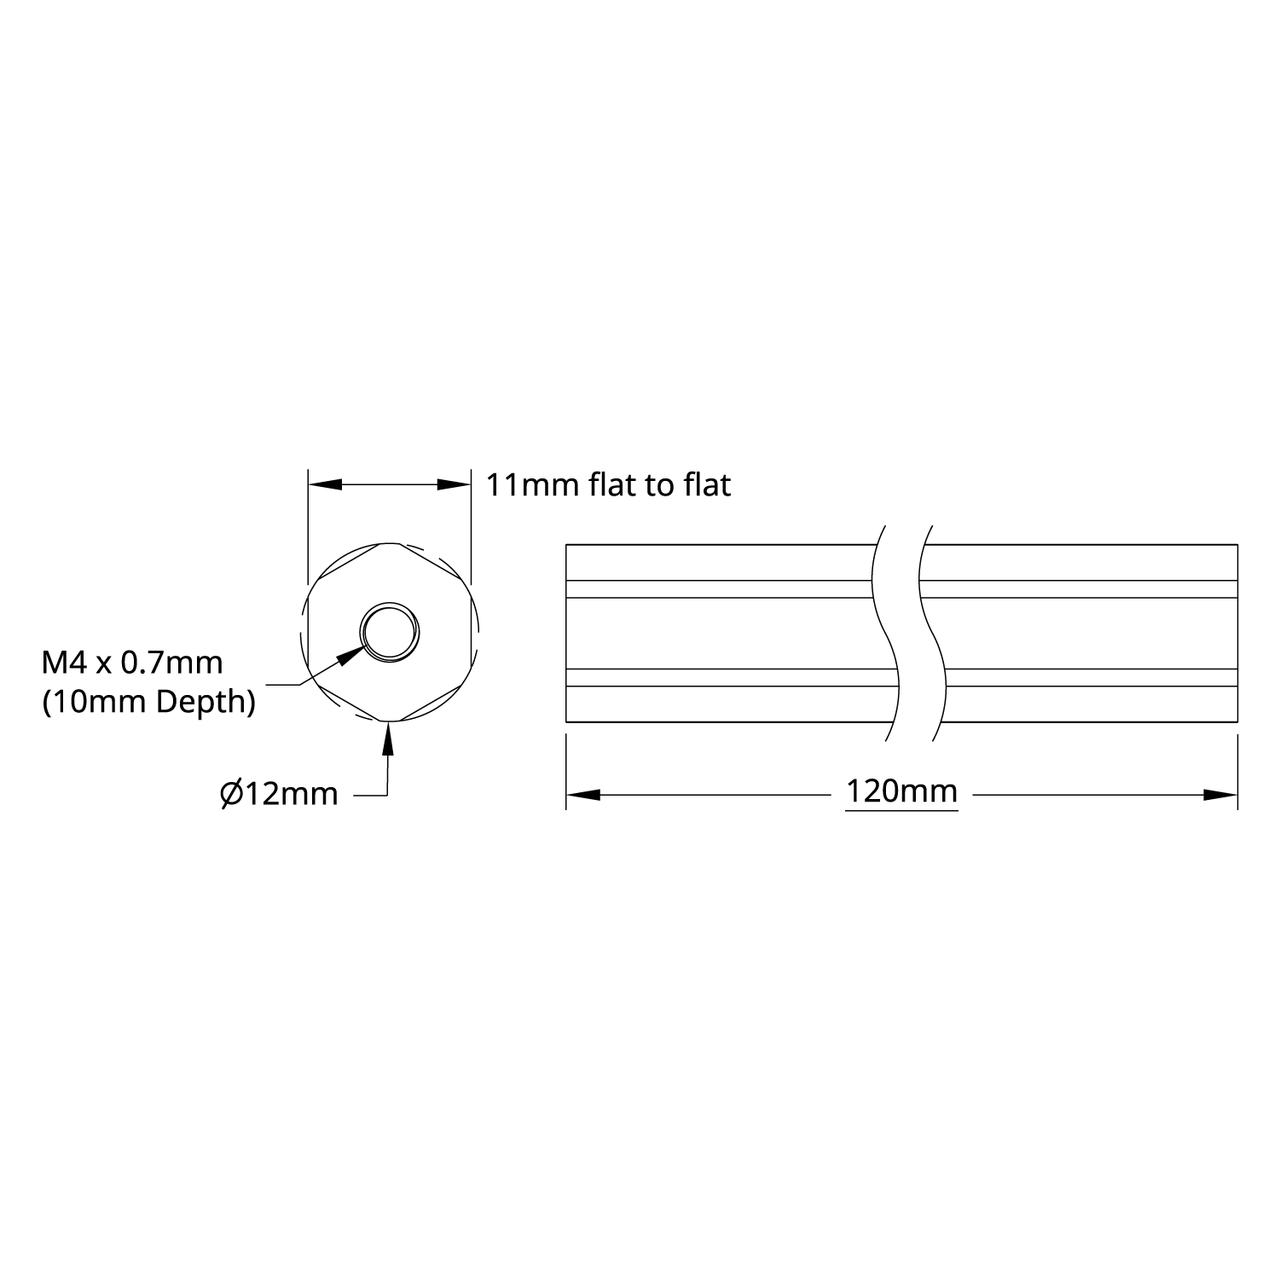 2104 Series Aluminum REX Shaft (12mm Diameter, 120mm Length) on